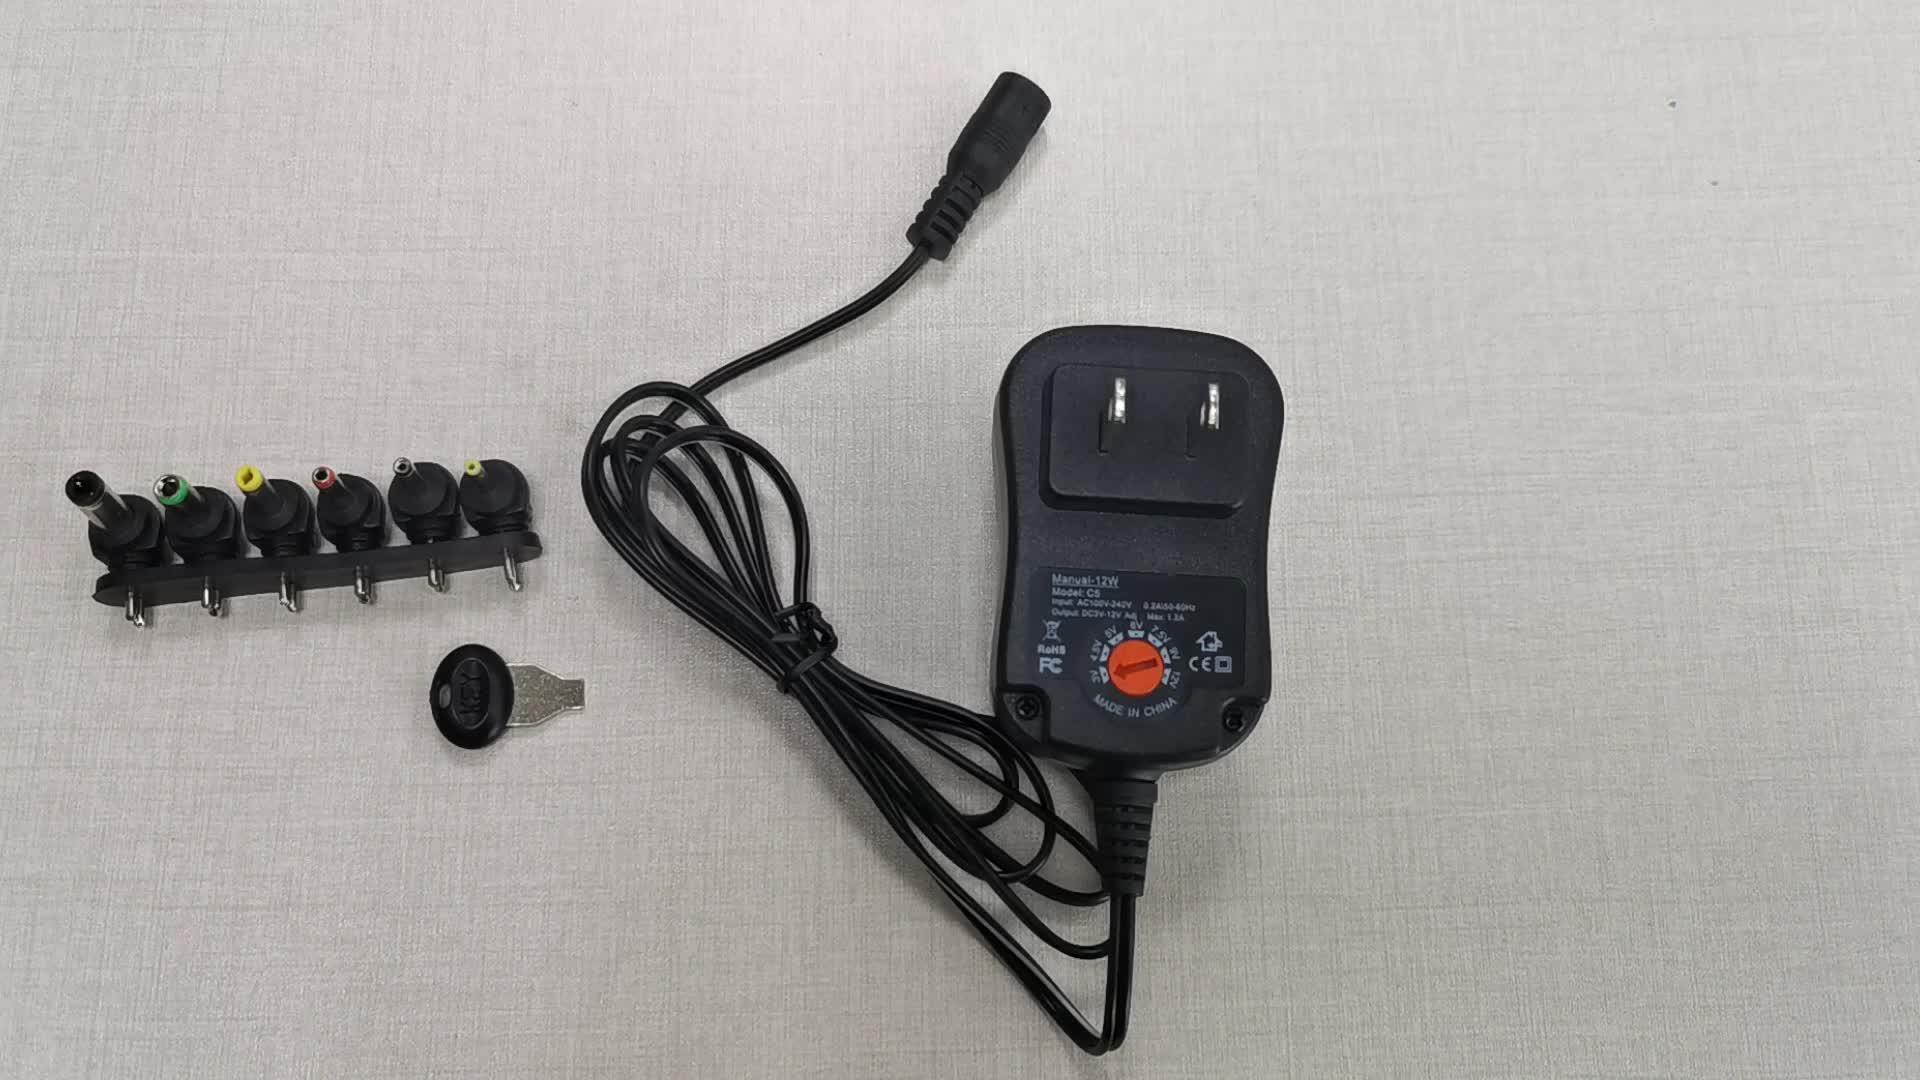 12 Вт Универсальный зарядное устройство AC/DC адаптер Импульсные блоки питания с 6 выбор адаптер вилки, подходит для 3 В до 12 устройство